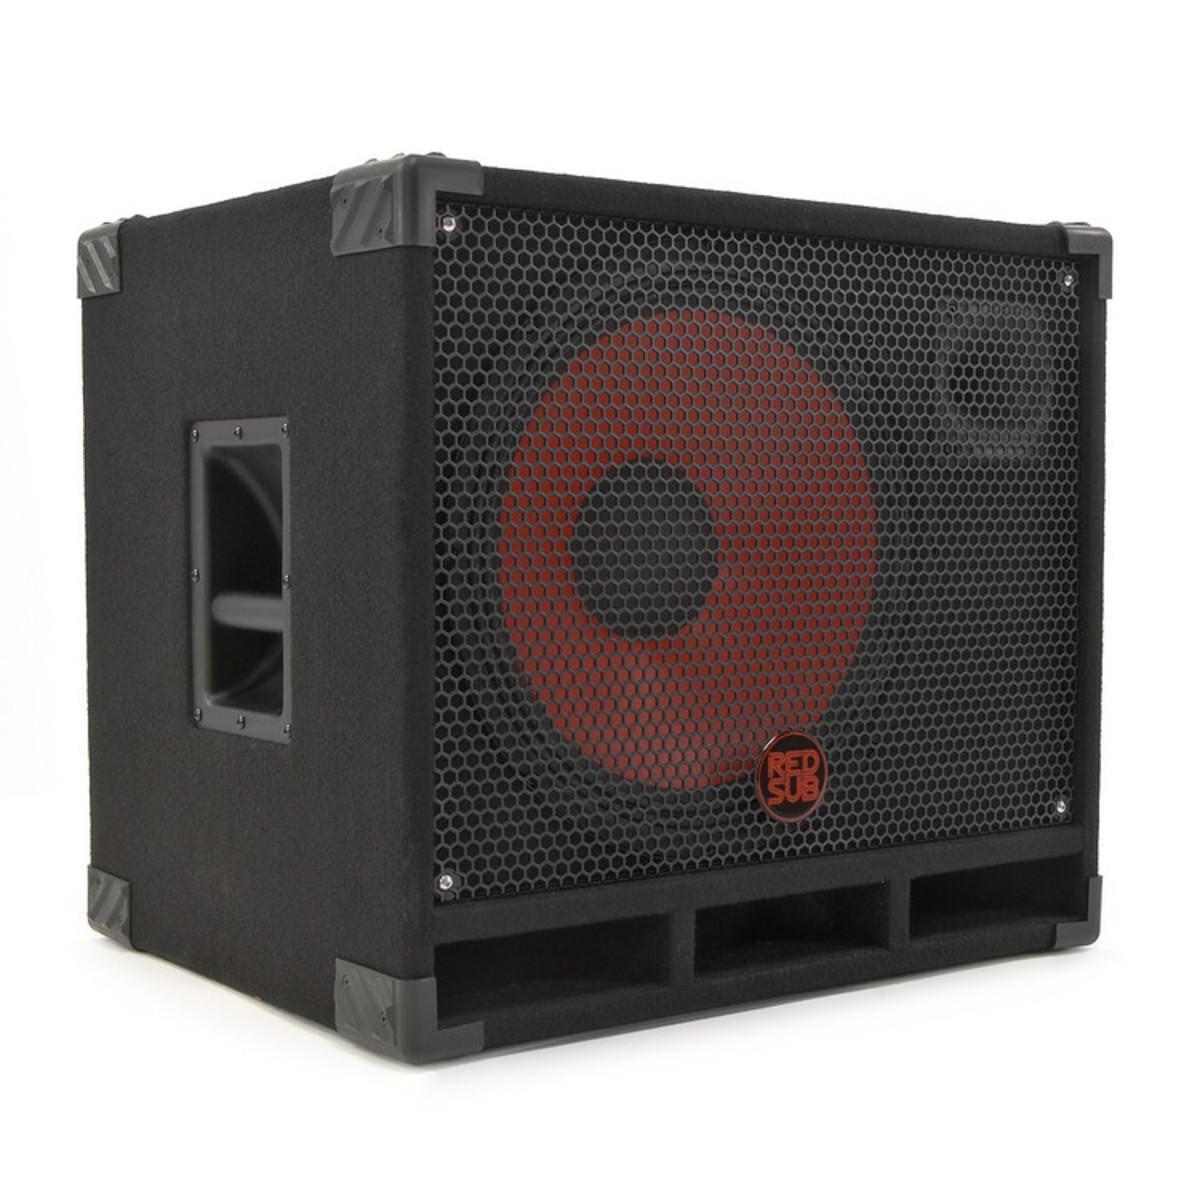 caisson pour haut parleur 1x15 redsub b115t. Black Bedroom Furniture Sets. Home Design Ideas